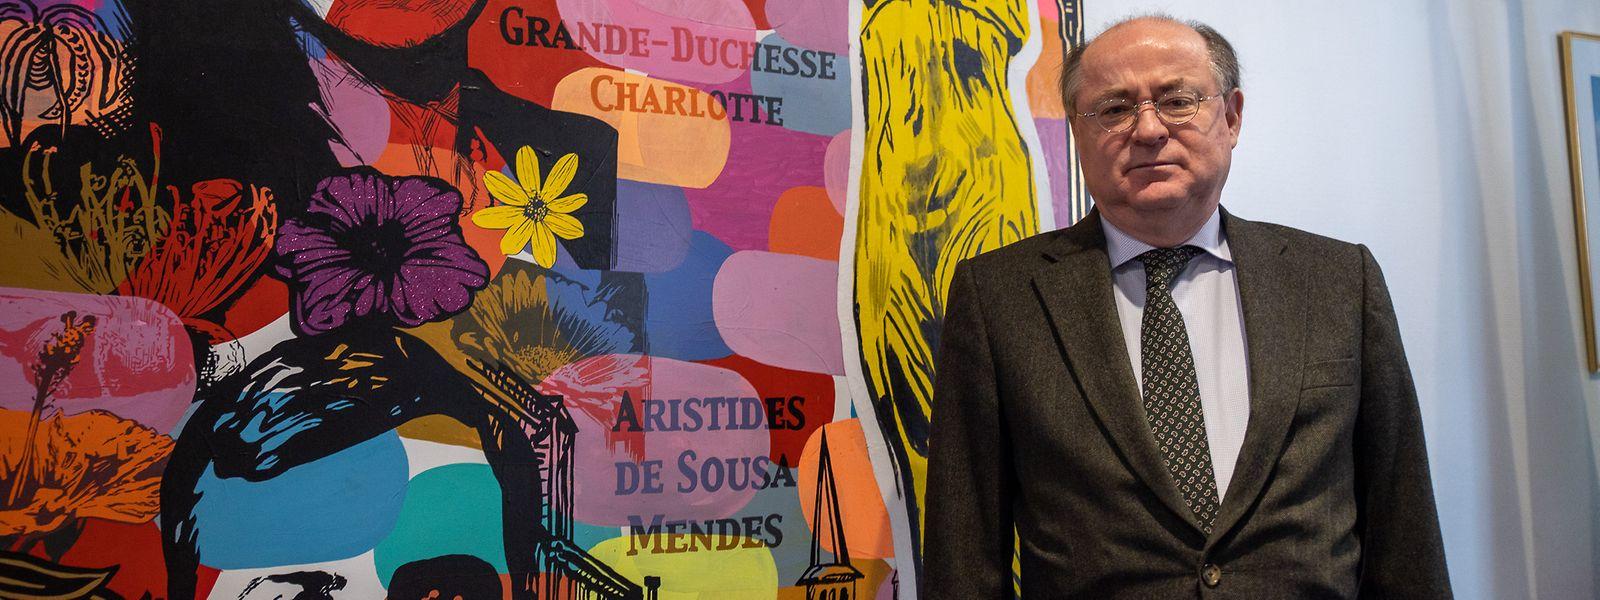 António Gamito, embaixador de Portugal no Luxemburgo, ao lado de um quadro que representa a  Grã - Duquesa Charlotte, antepassada do atual Grão- Duque que é descendente da portuguesa Maria Ana de Bragança.